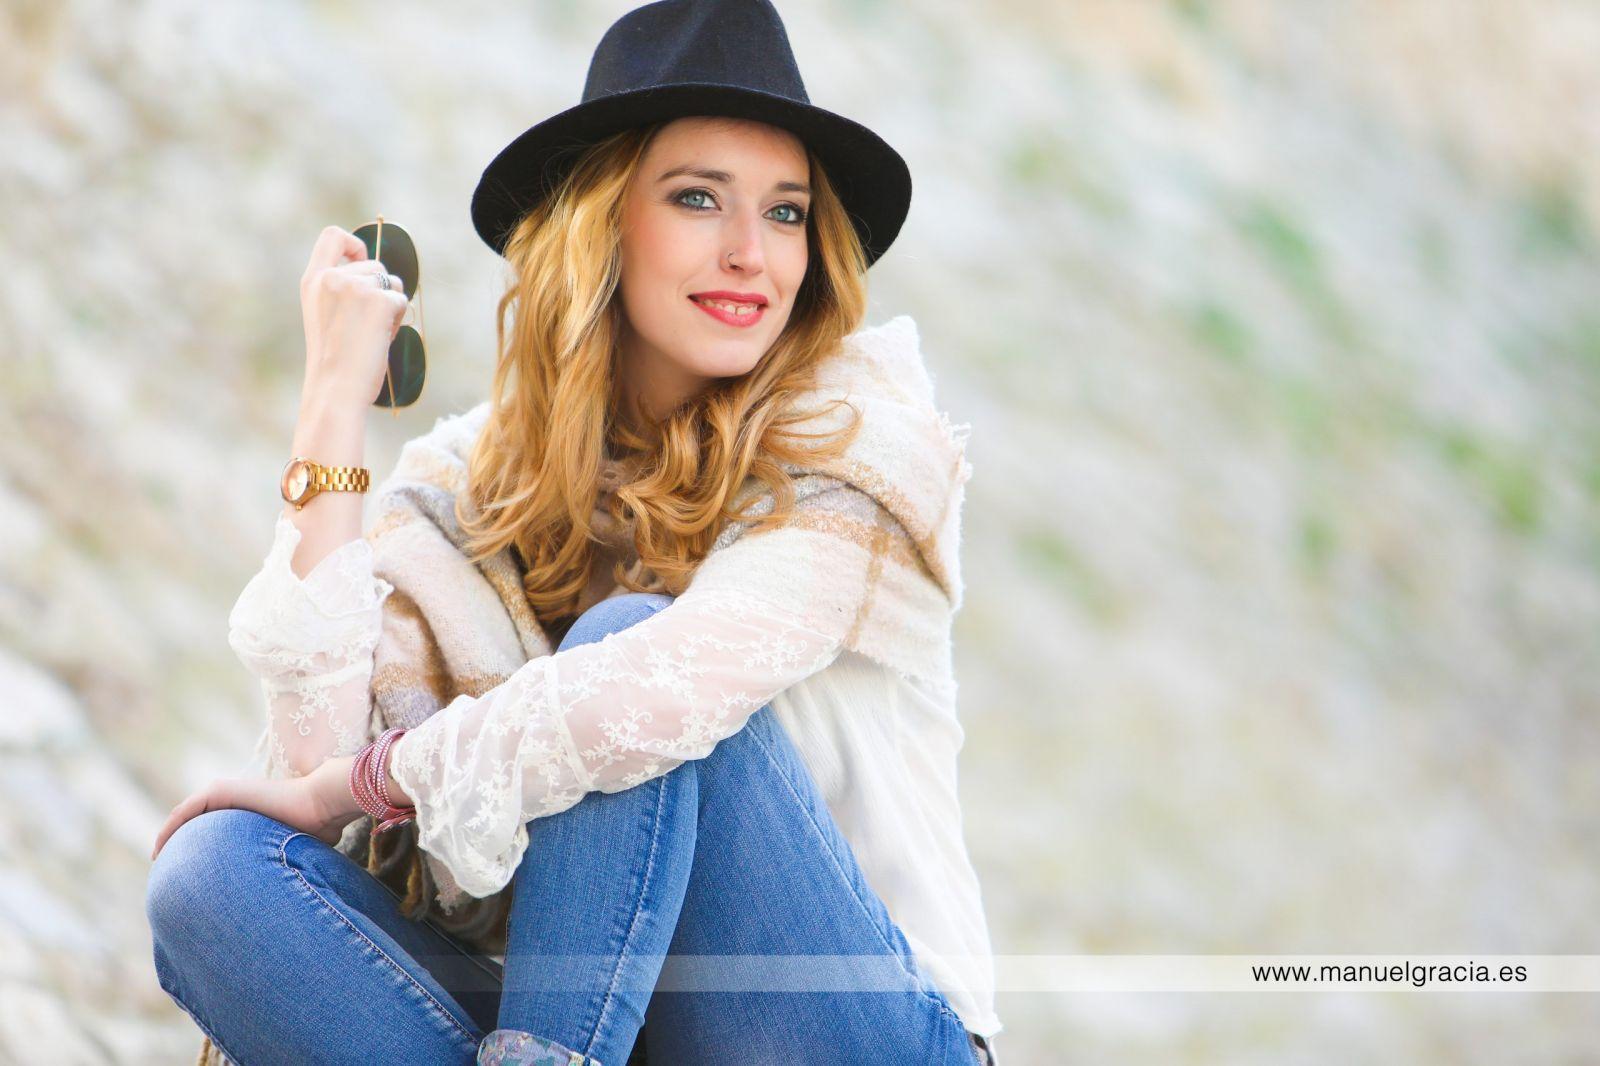 fotografo-book-sitges-1